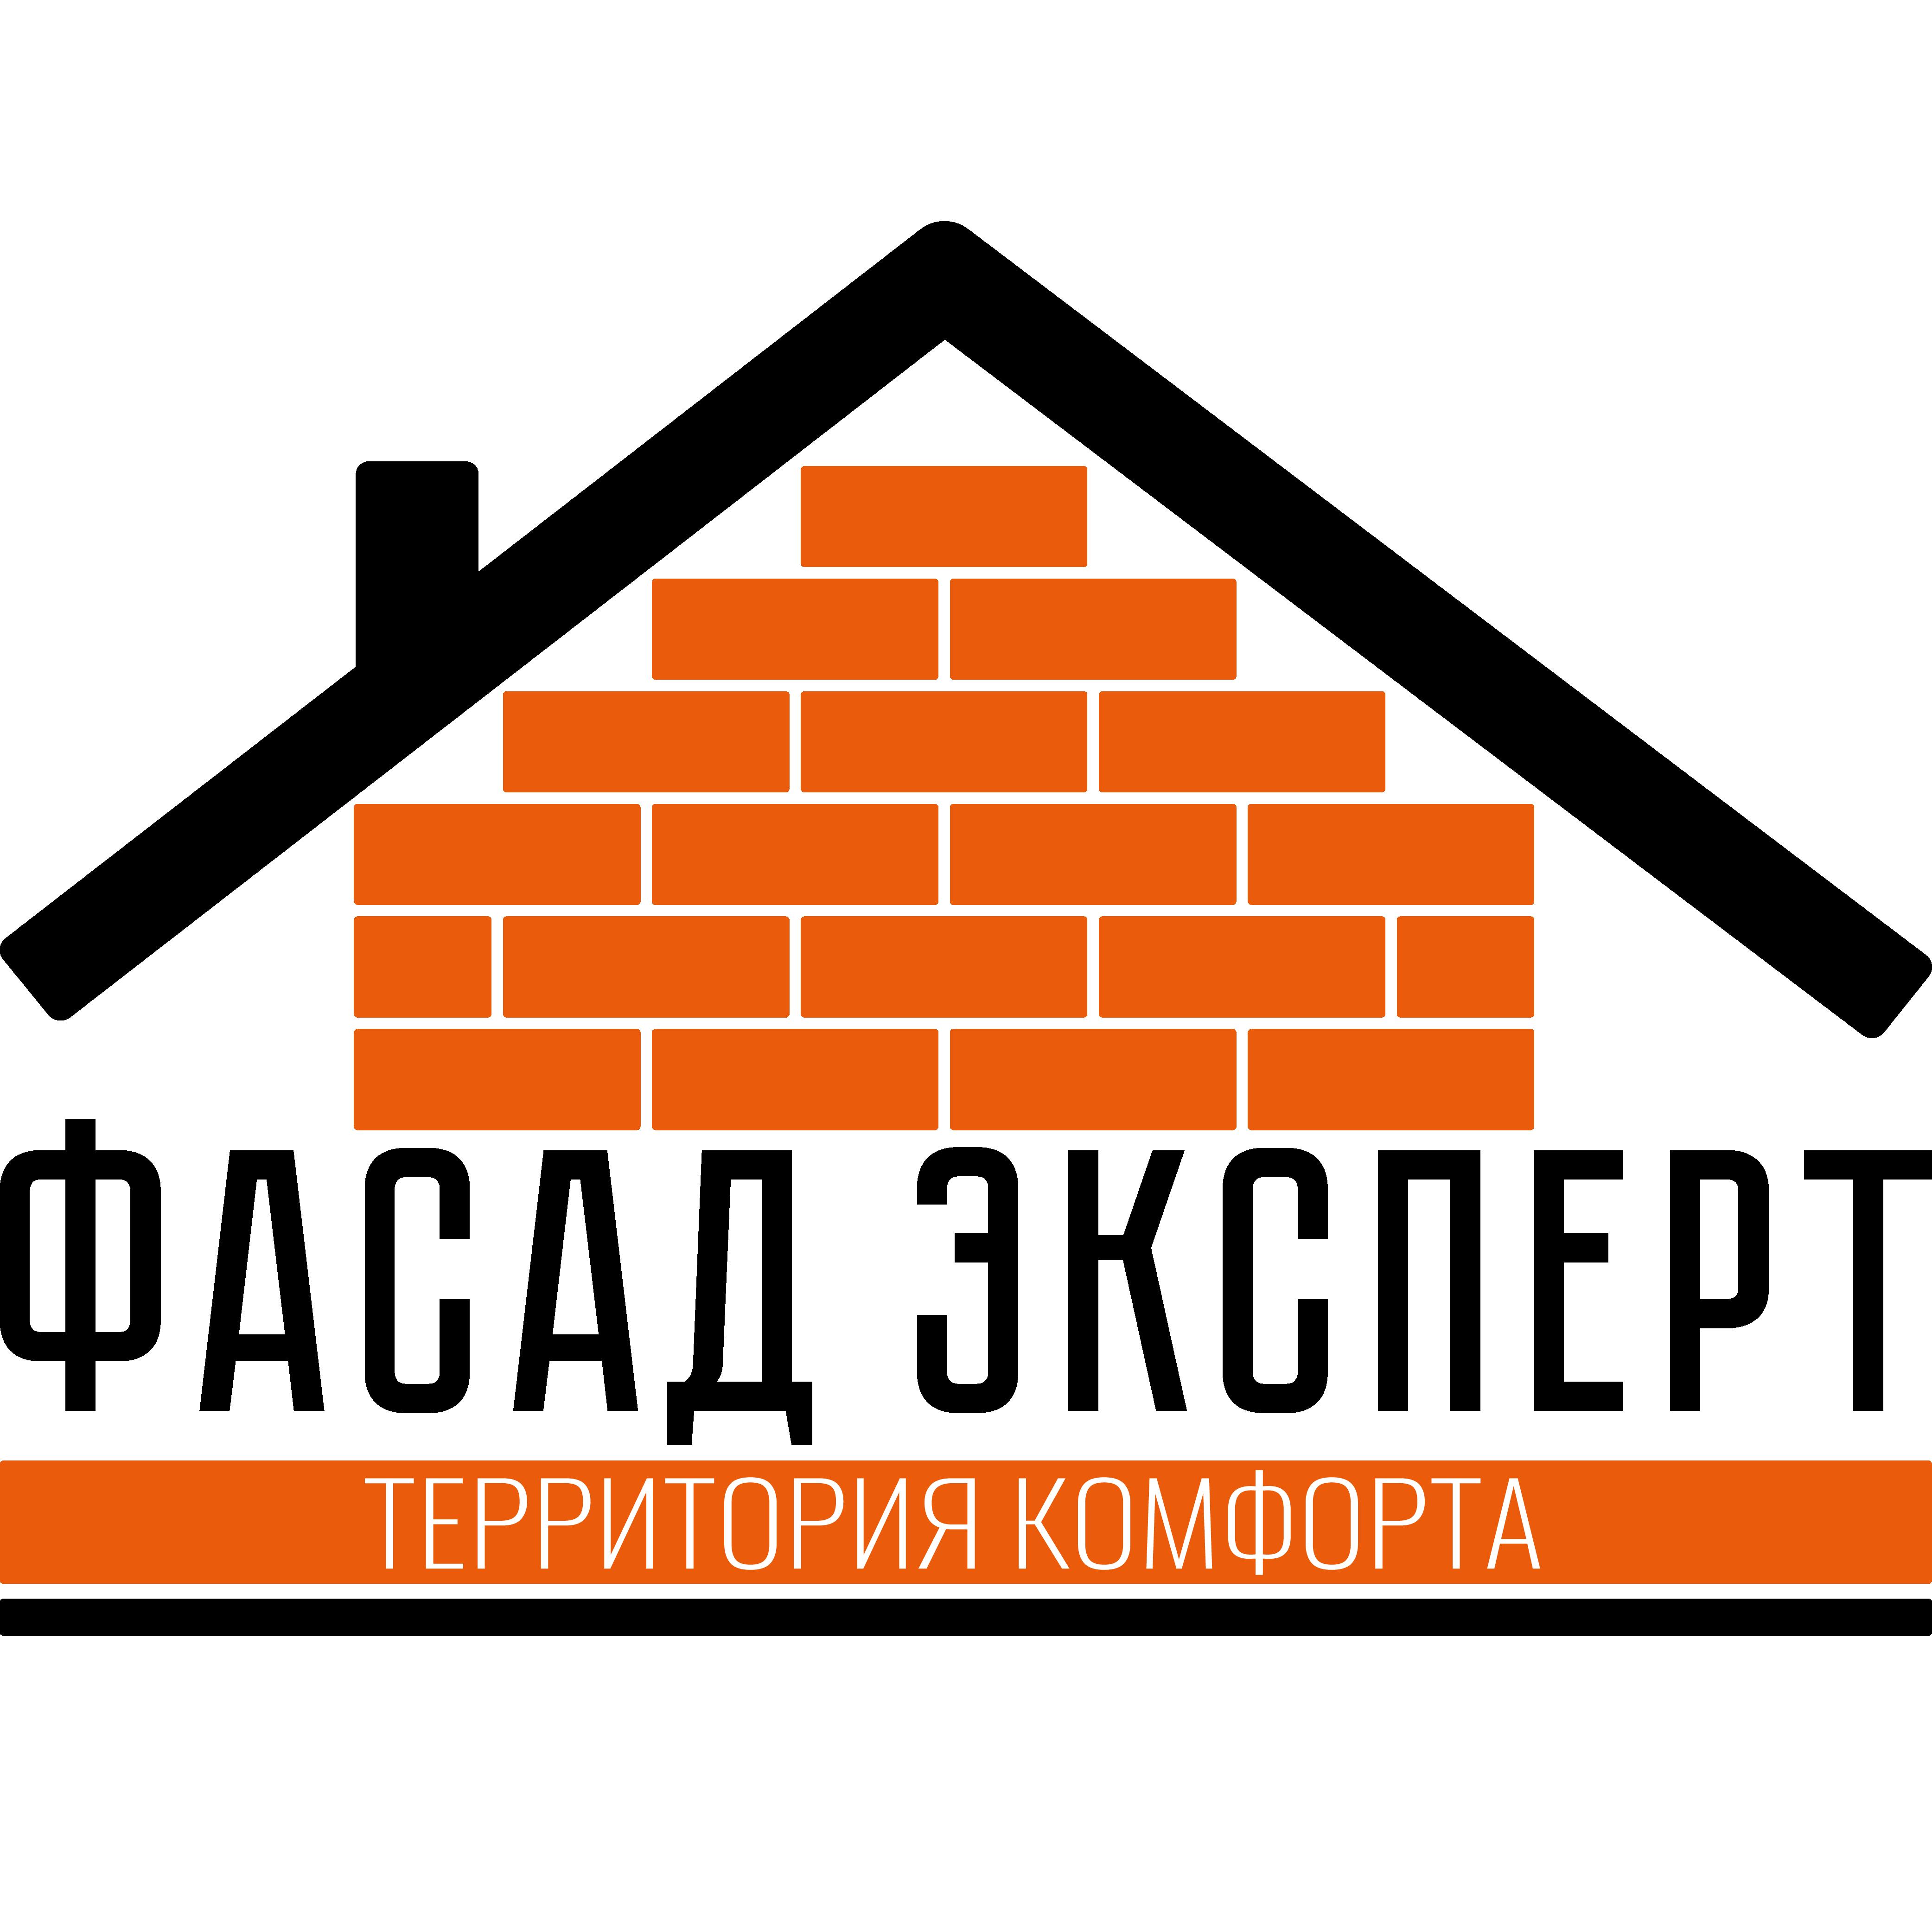 Фибробетон цена фасад как сделать цементный раствор для фундамента пропорции